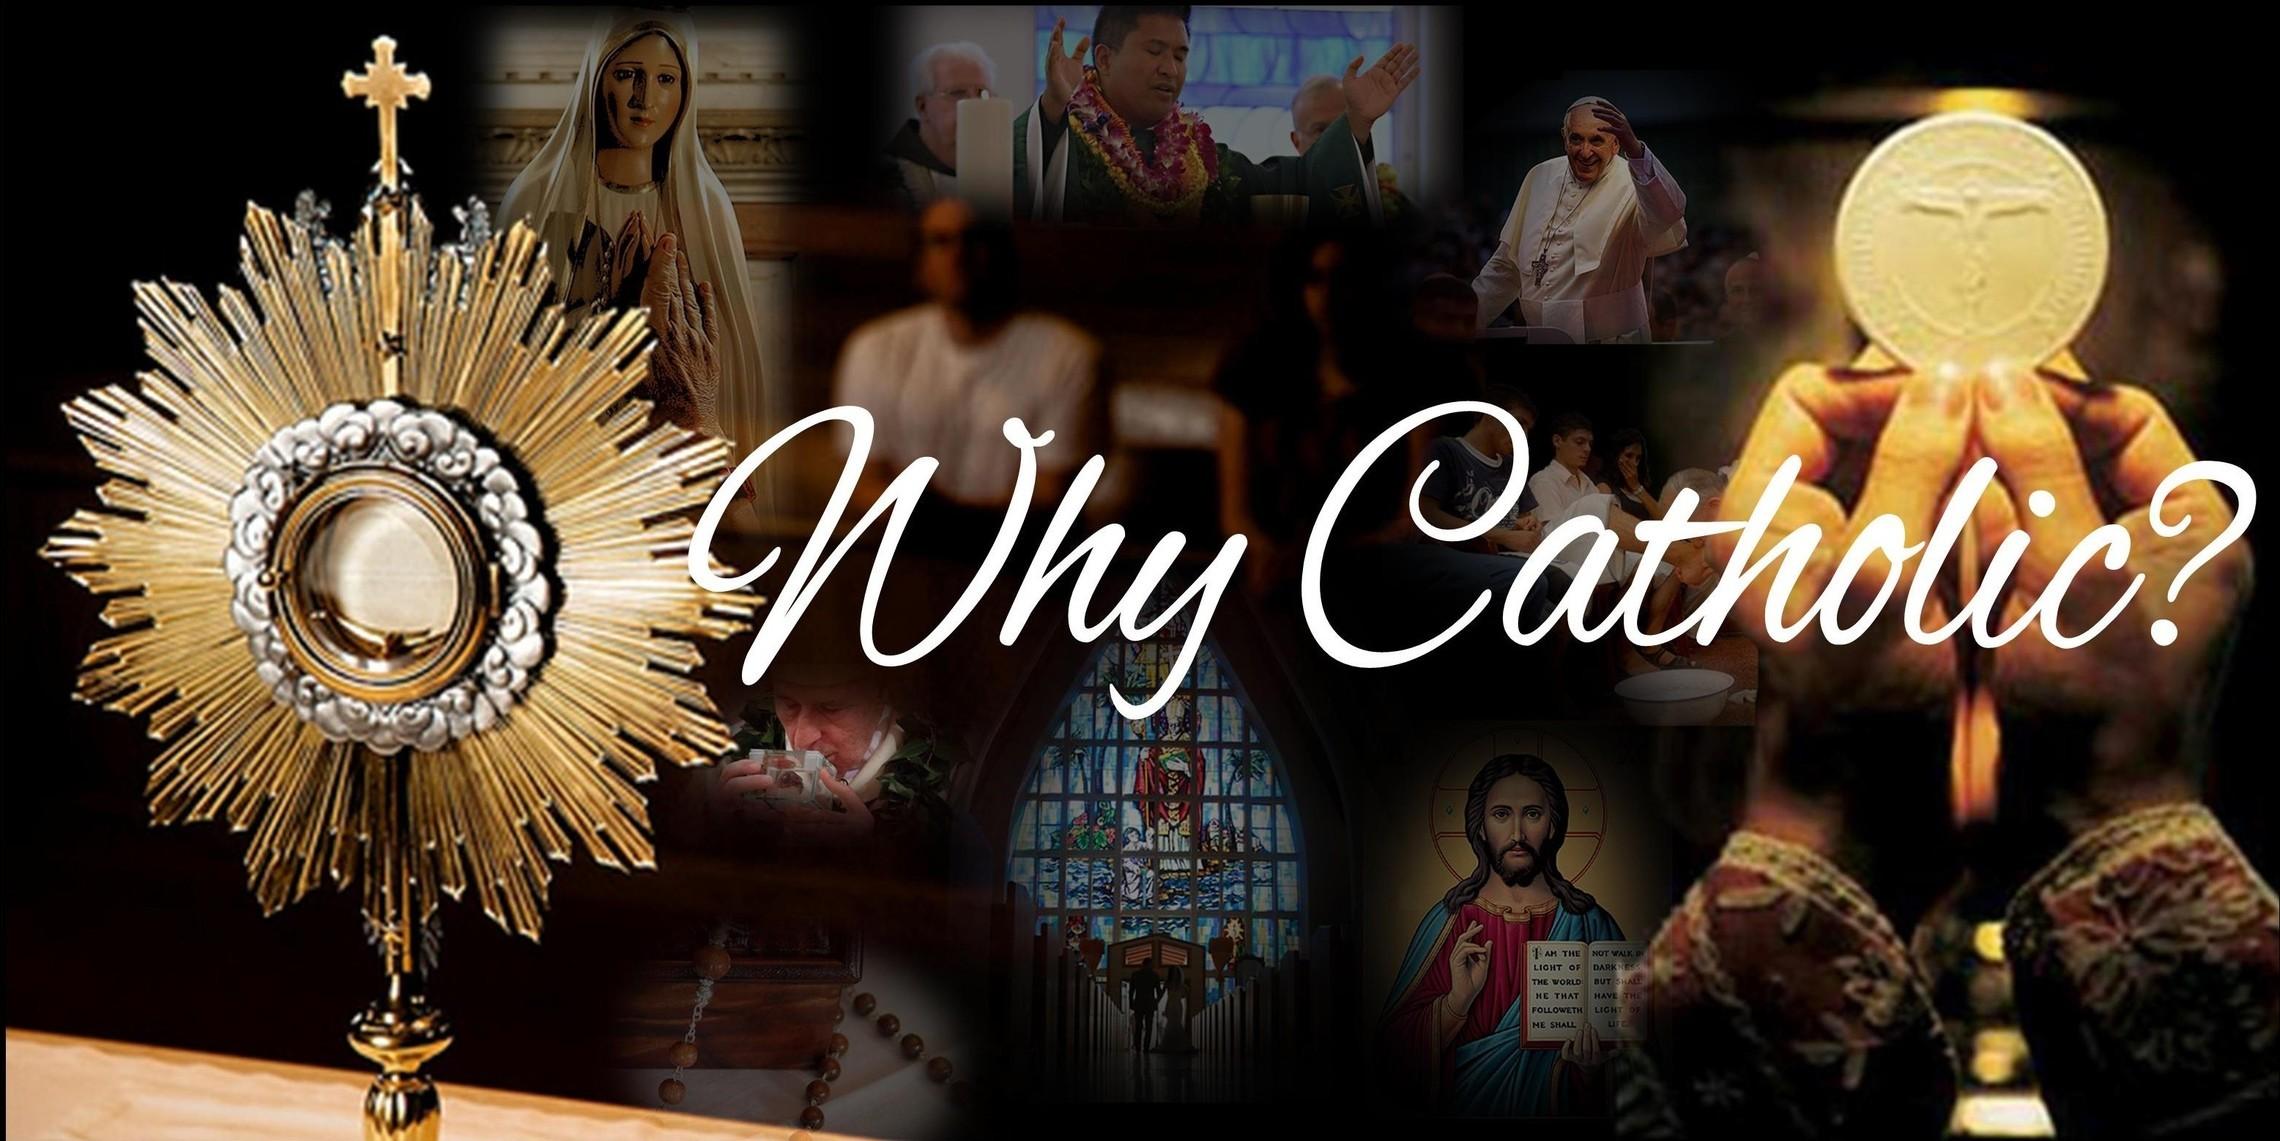 Whycatholic 1